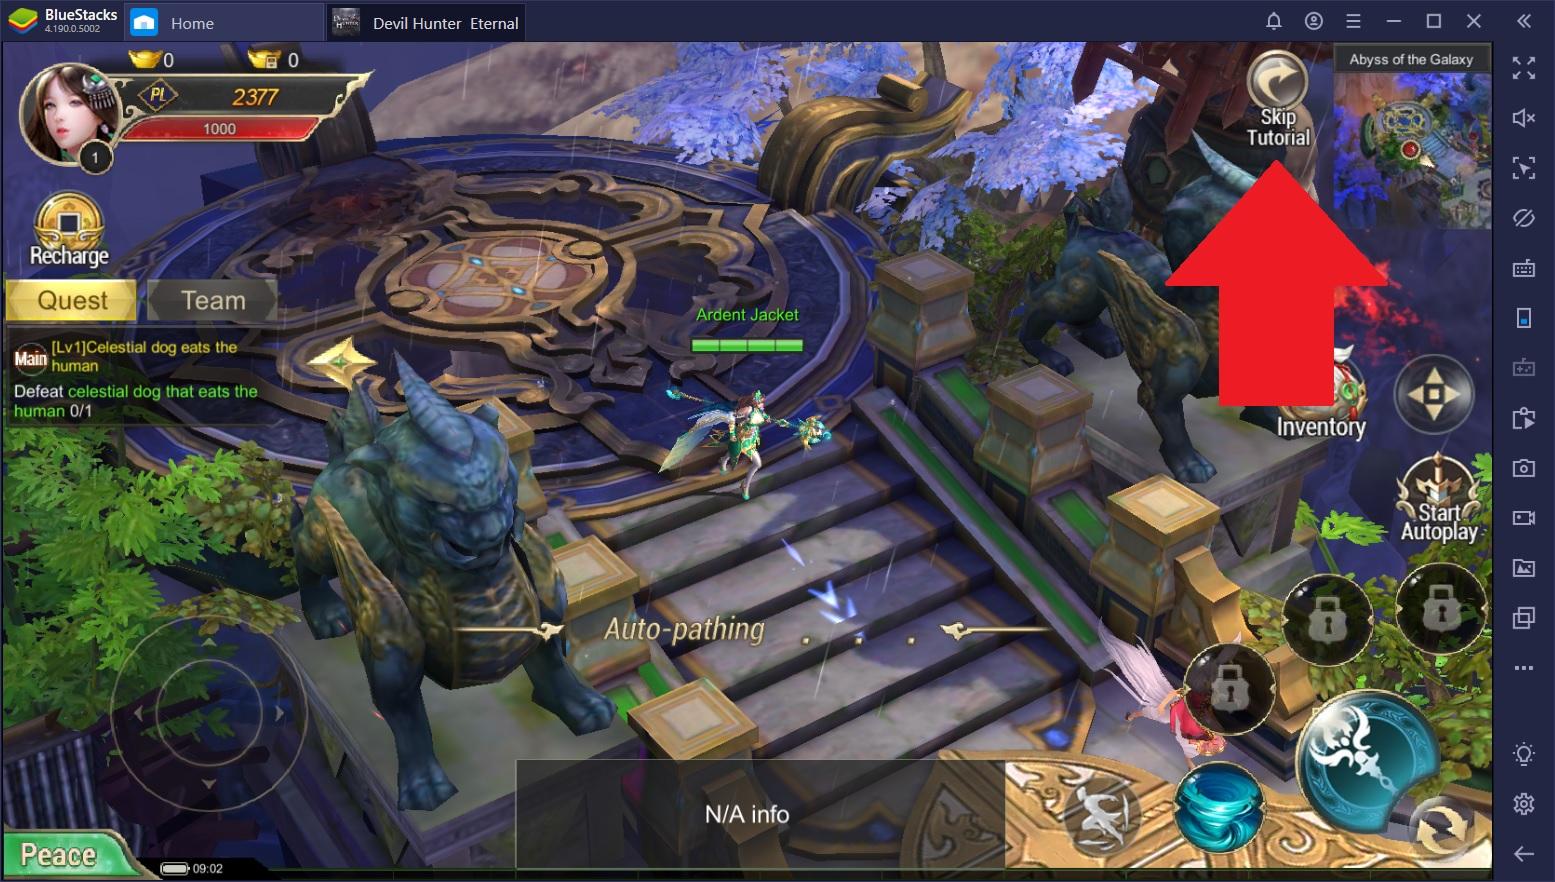 Devil Hunter: Eternal War - Beginner's Guide for Getting Started in This Mobile MMORPG